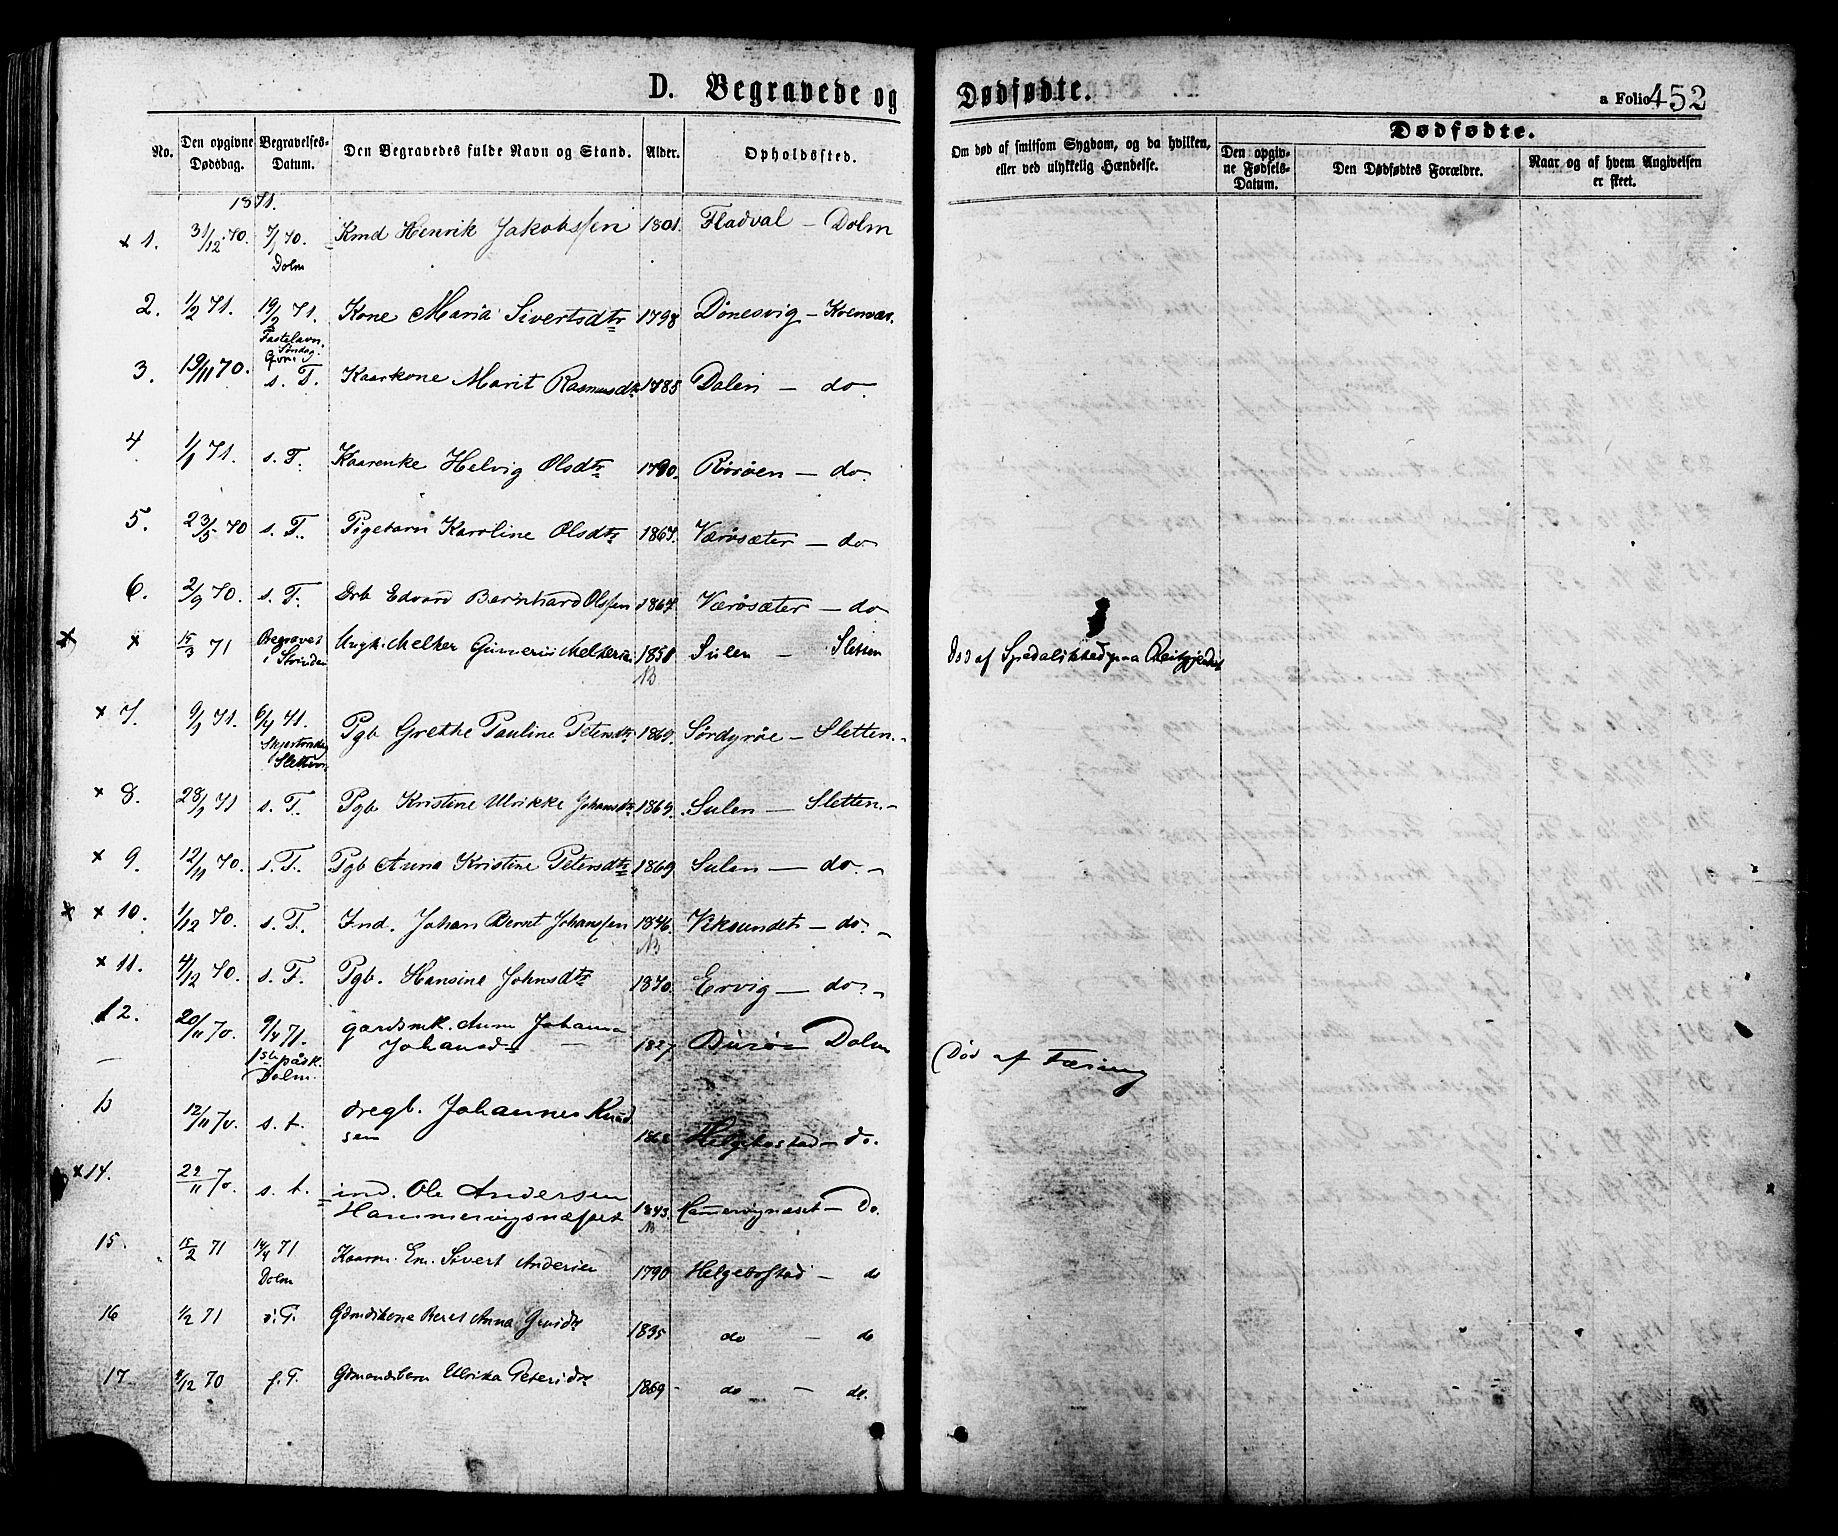 SAT, Ministerialprotokoller, klokkerbøker og fødselsregistre - Sør-Trøndelag, 634/L0532: Ministerialbok nr. 634A08, 1871-1881, s. 452